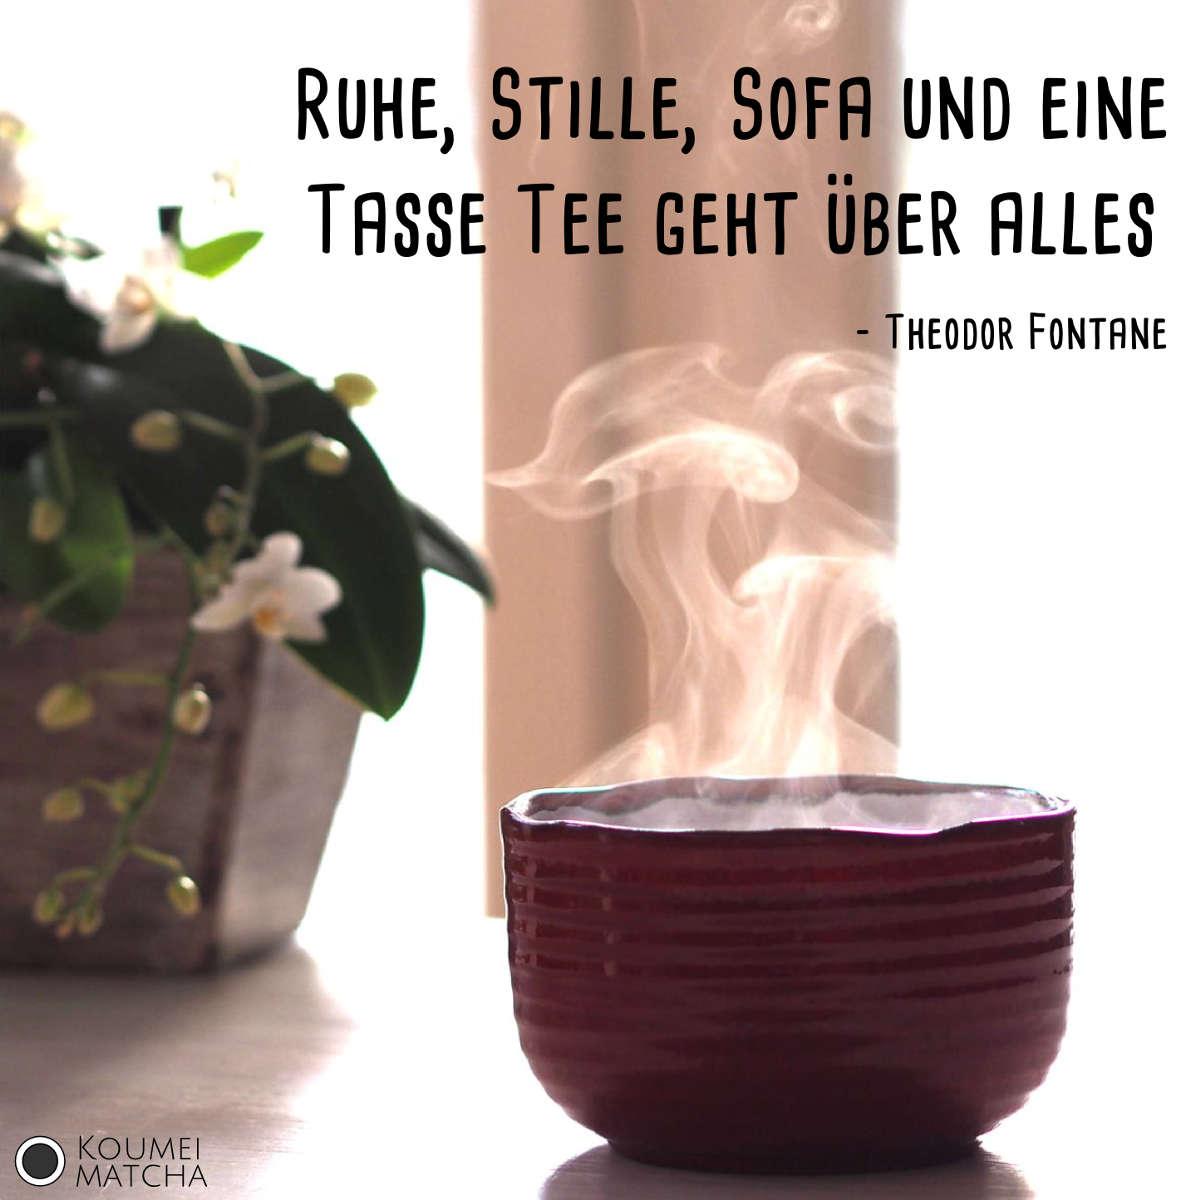 Sprche Und Zitate Simple Spruch Des Tages With Sprche Und Zitate